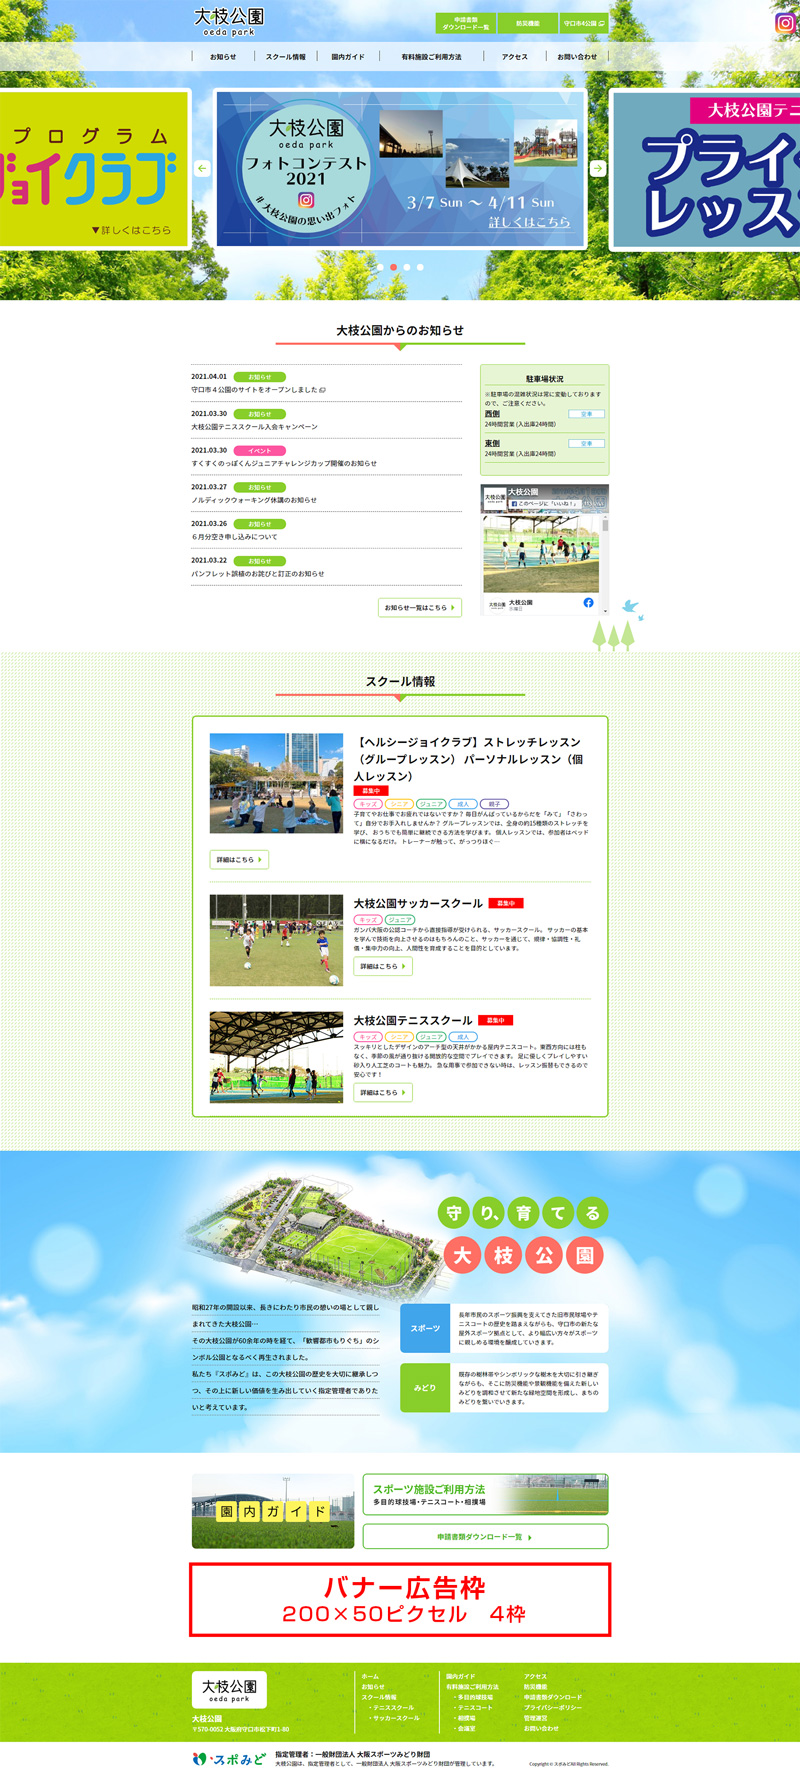 大枝公園トップページ